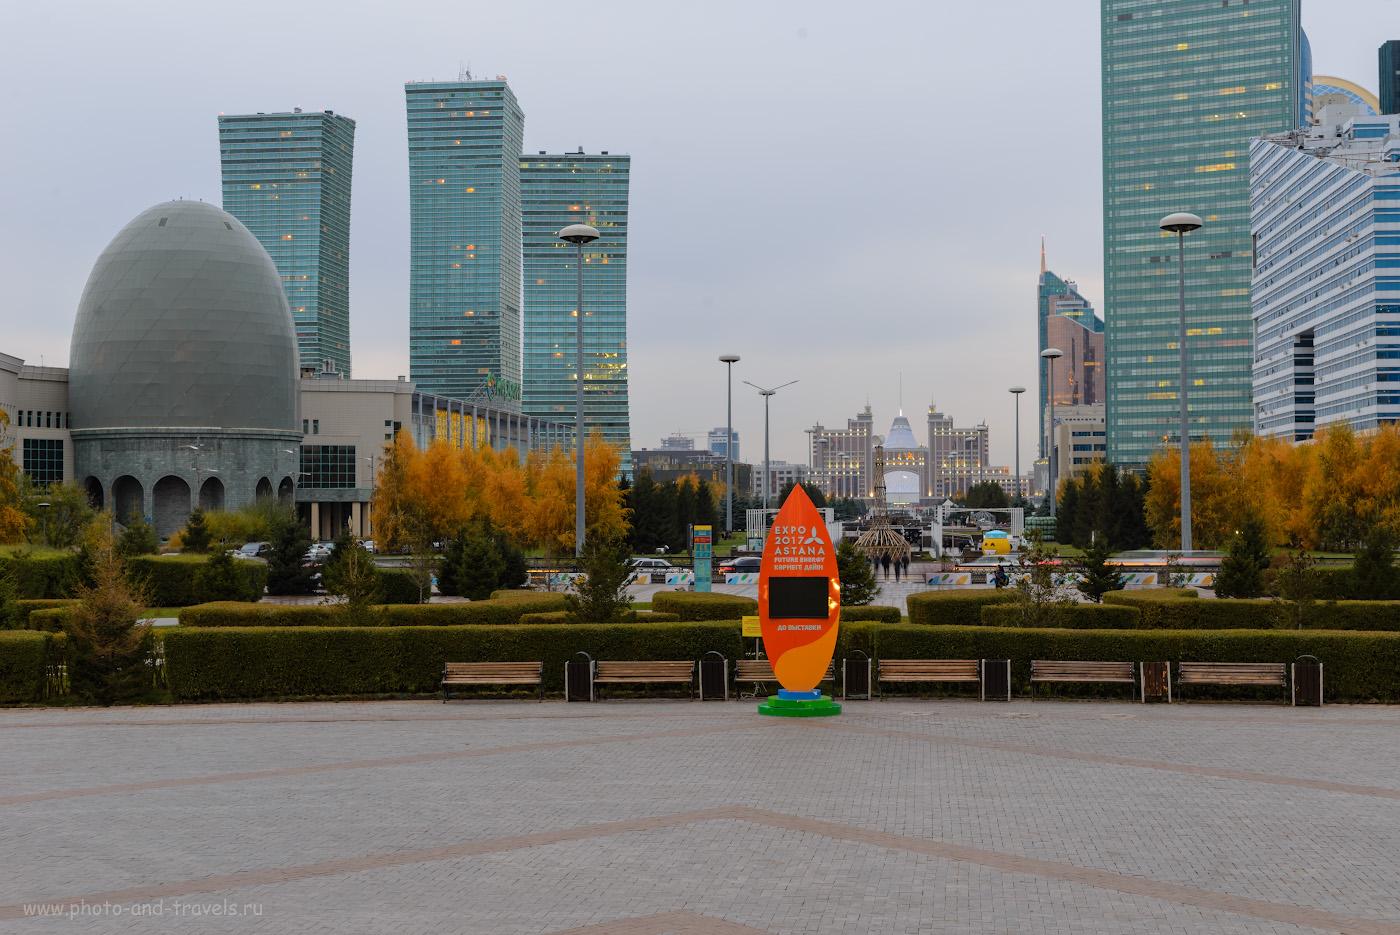 Фотография 13. Вид от подножия монумента «Байтерек» на бульвар Нуржол. Отзывы туристов о прогулке по Астане за полдня. 2.0, +0.33, 9.0, 100, 78.